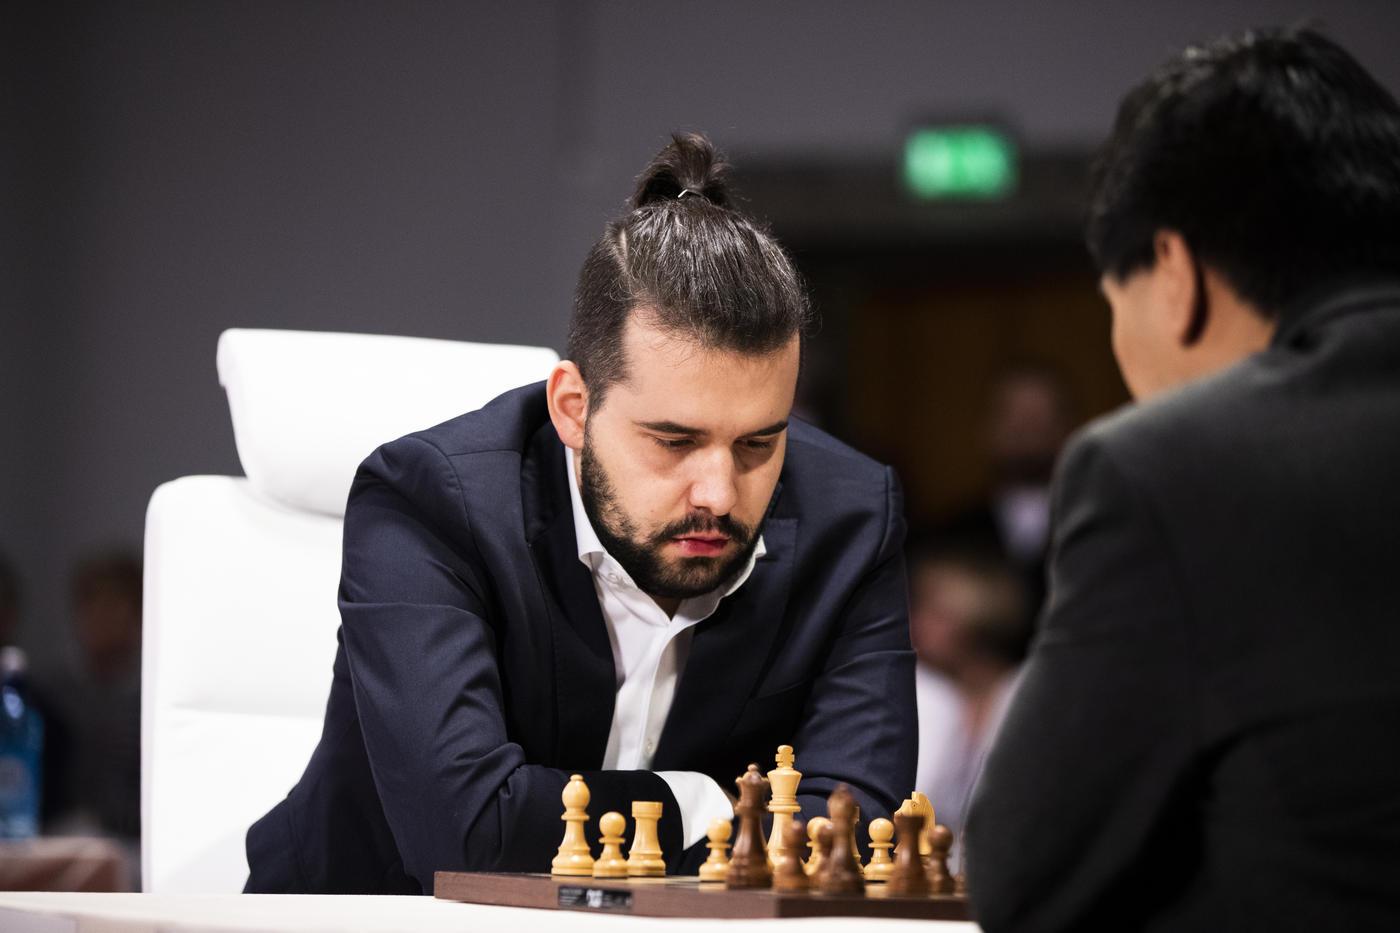 Россия примет Турнир претендентов на шахматную корону, остановленный из-за коронавируса - фото